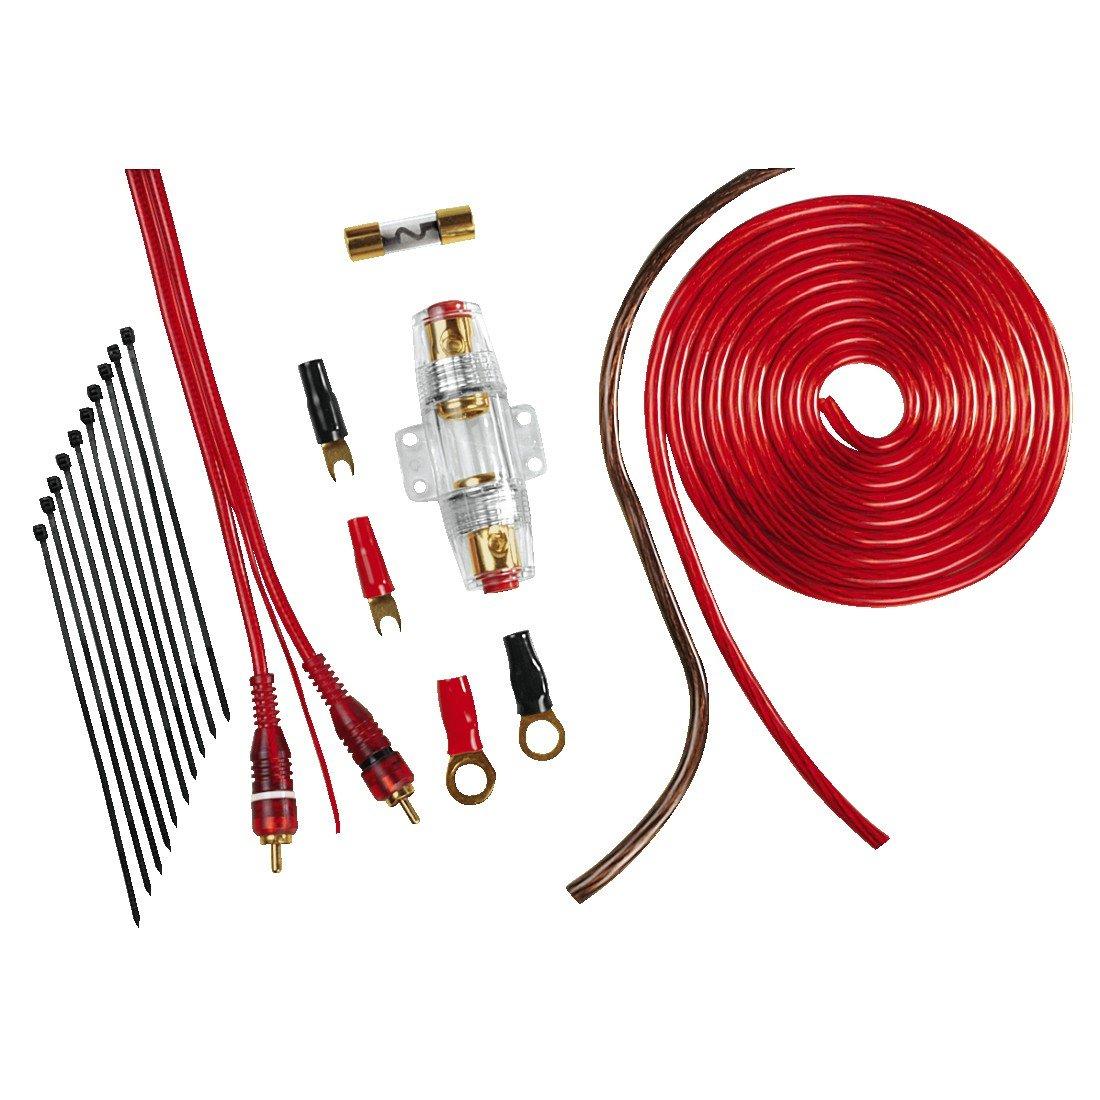 Hama - Powerkit 360, 5/1 m, Rojo 00062404